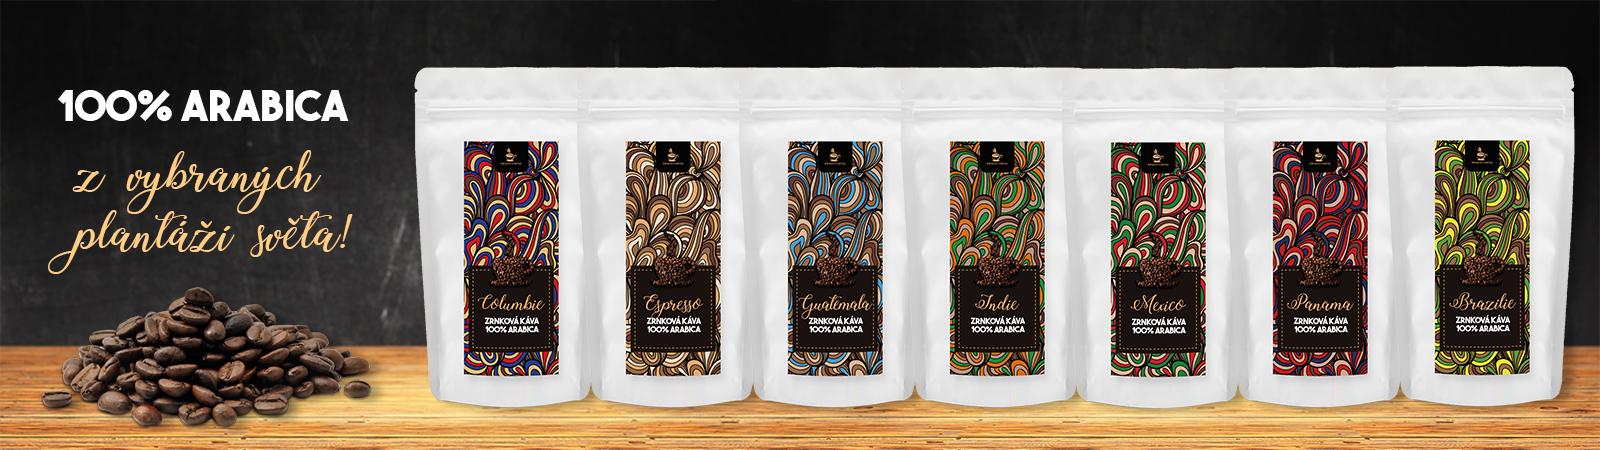 Plantážní káva